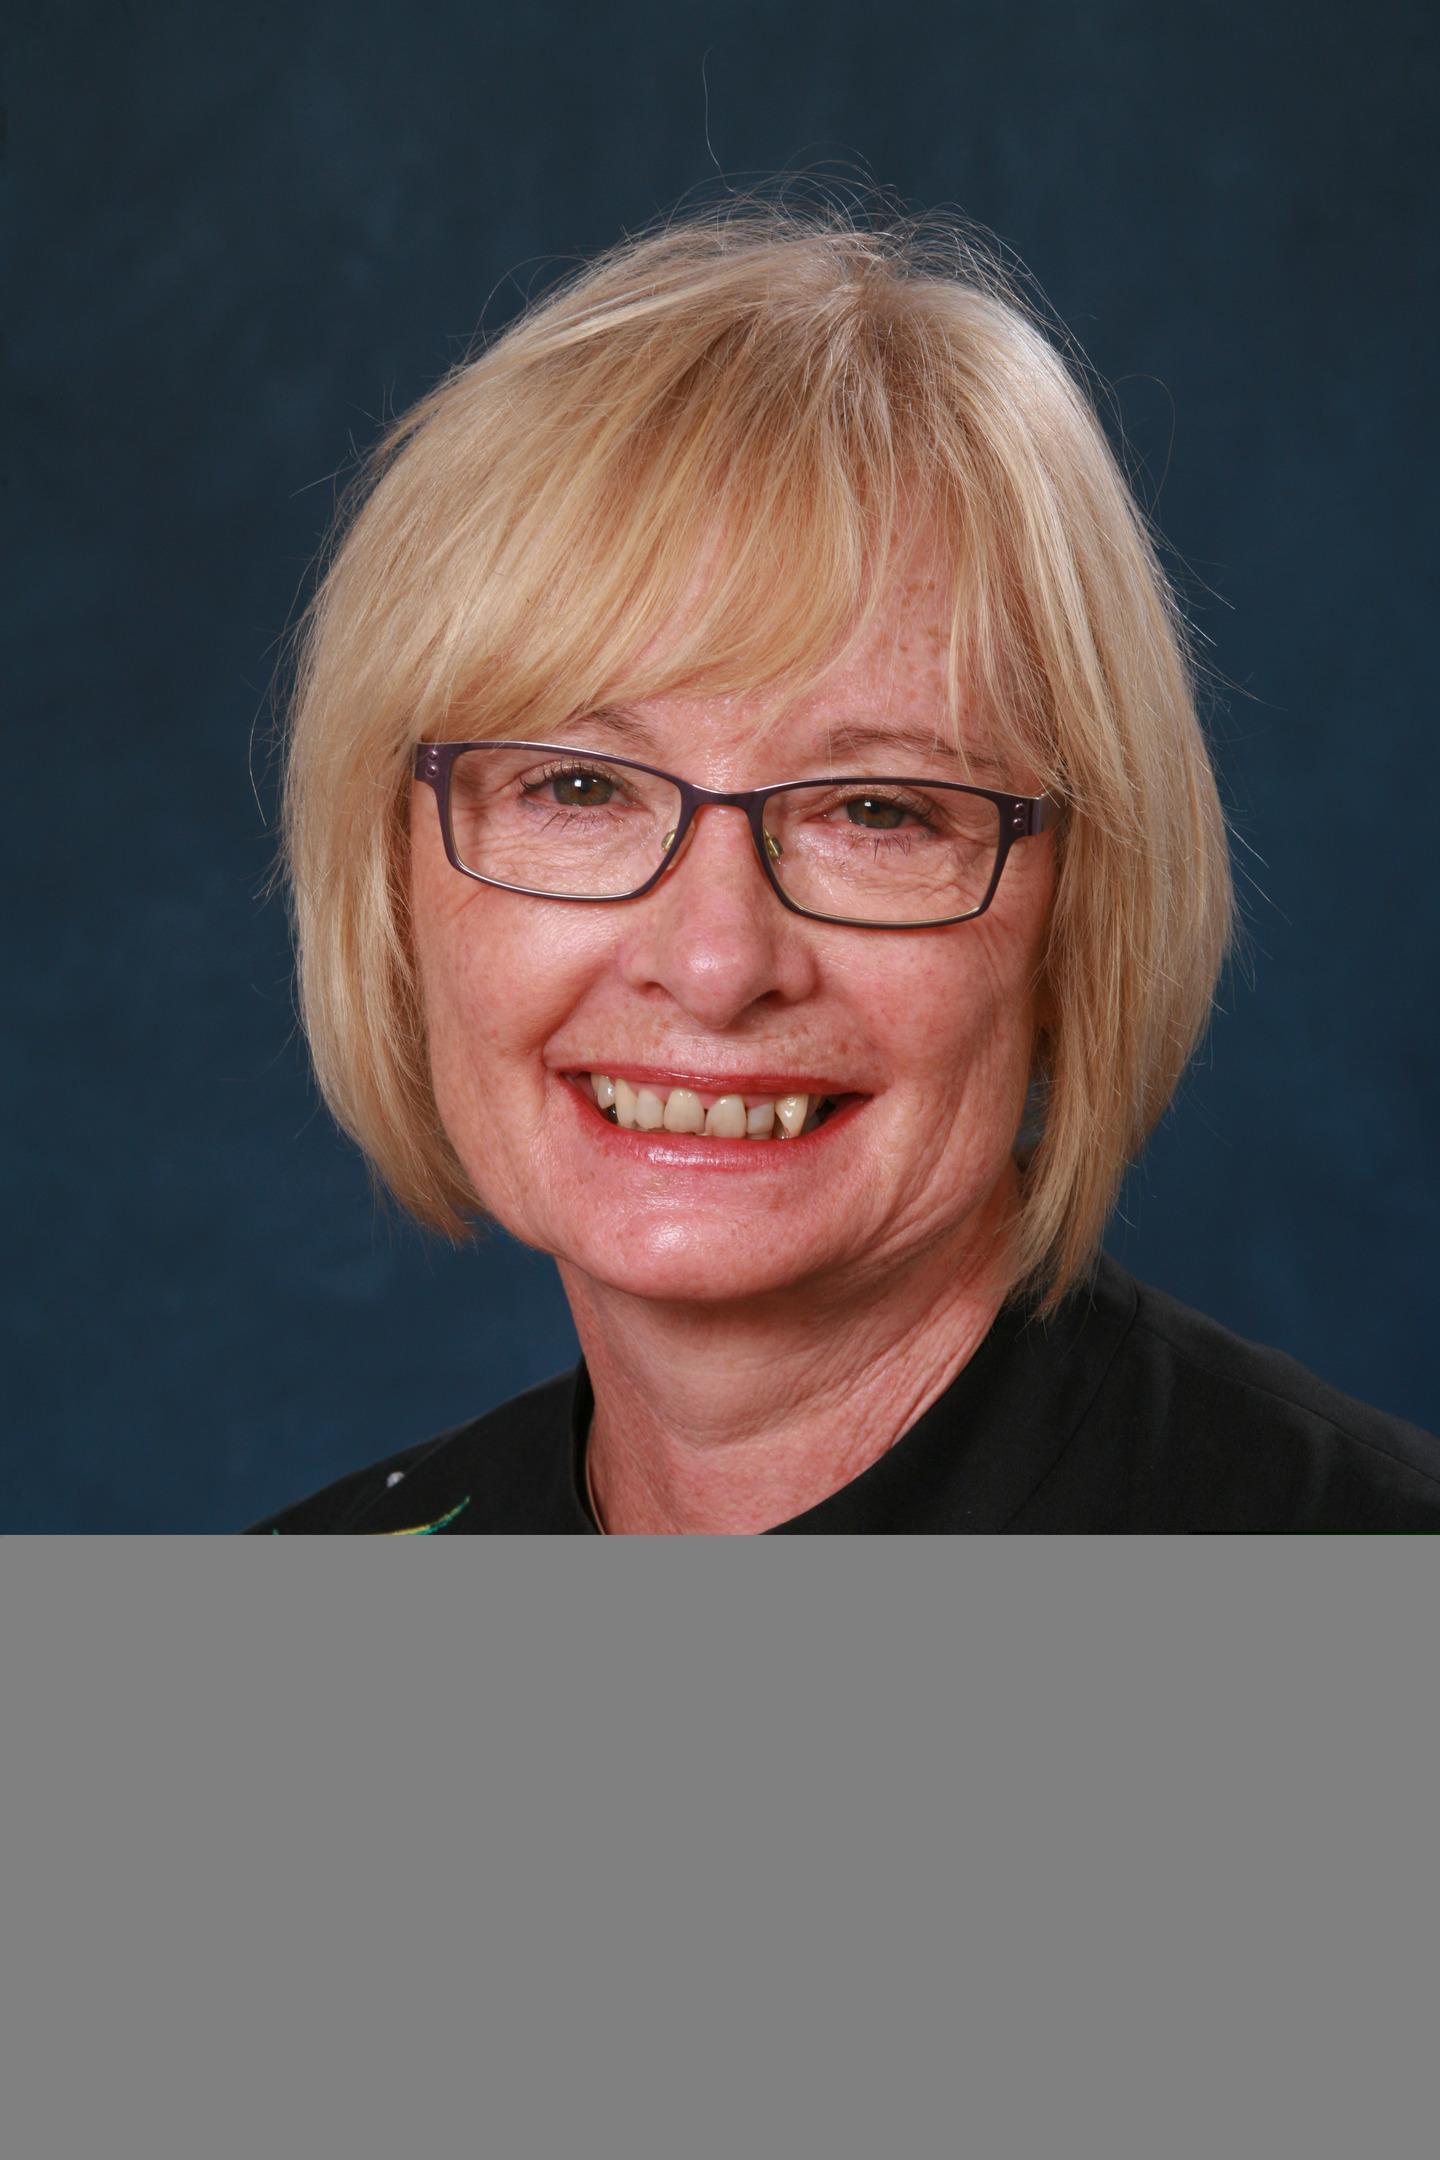 Tina McGeever